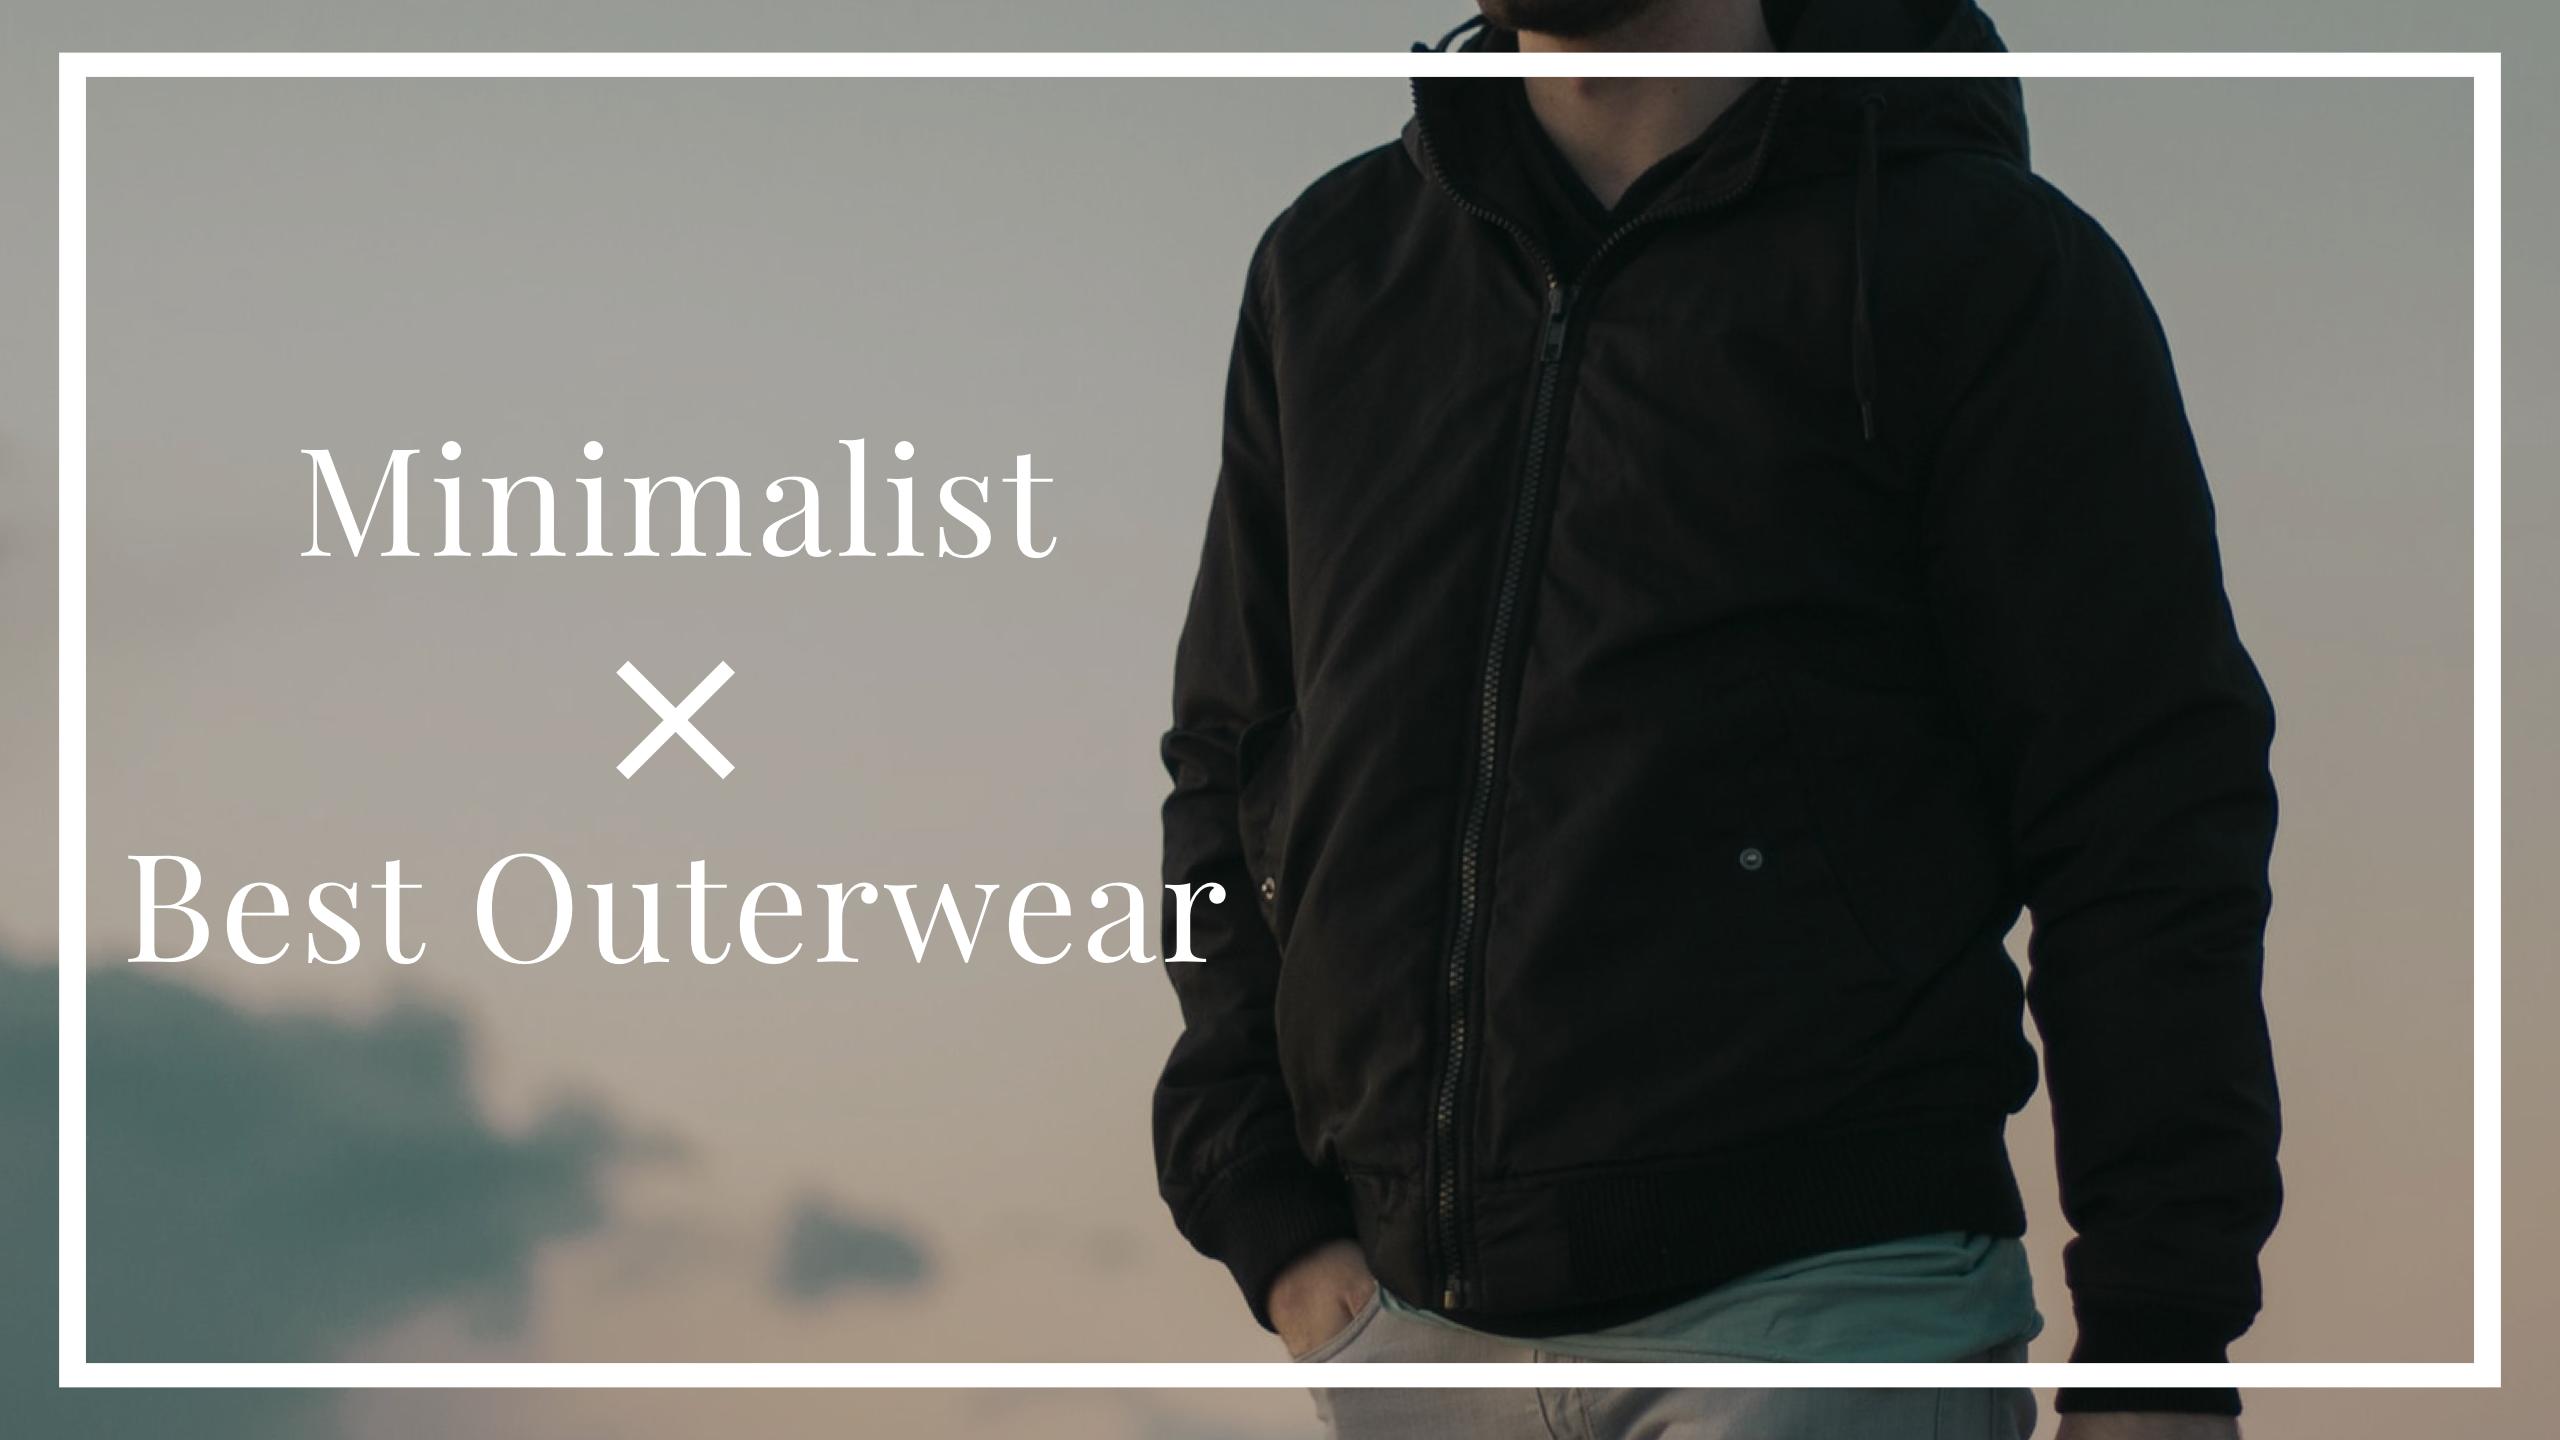 【メンズ】ミニマリストが持つべきおすすめのアウター5選!1着は欲しい汎用性の高いジャケットを厳選